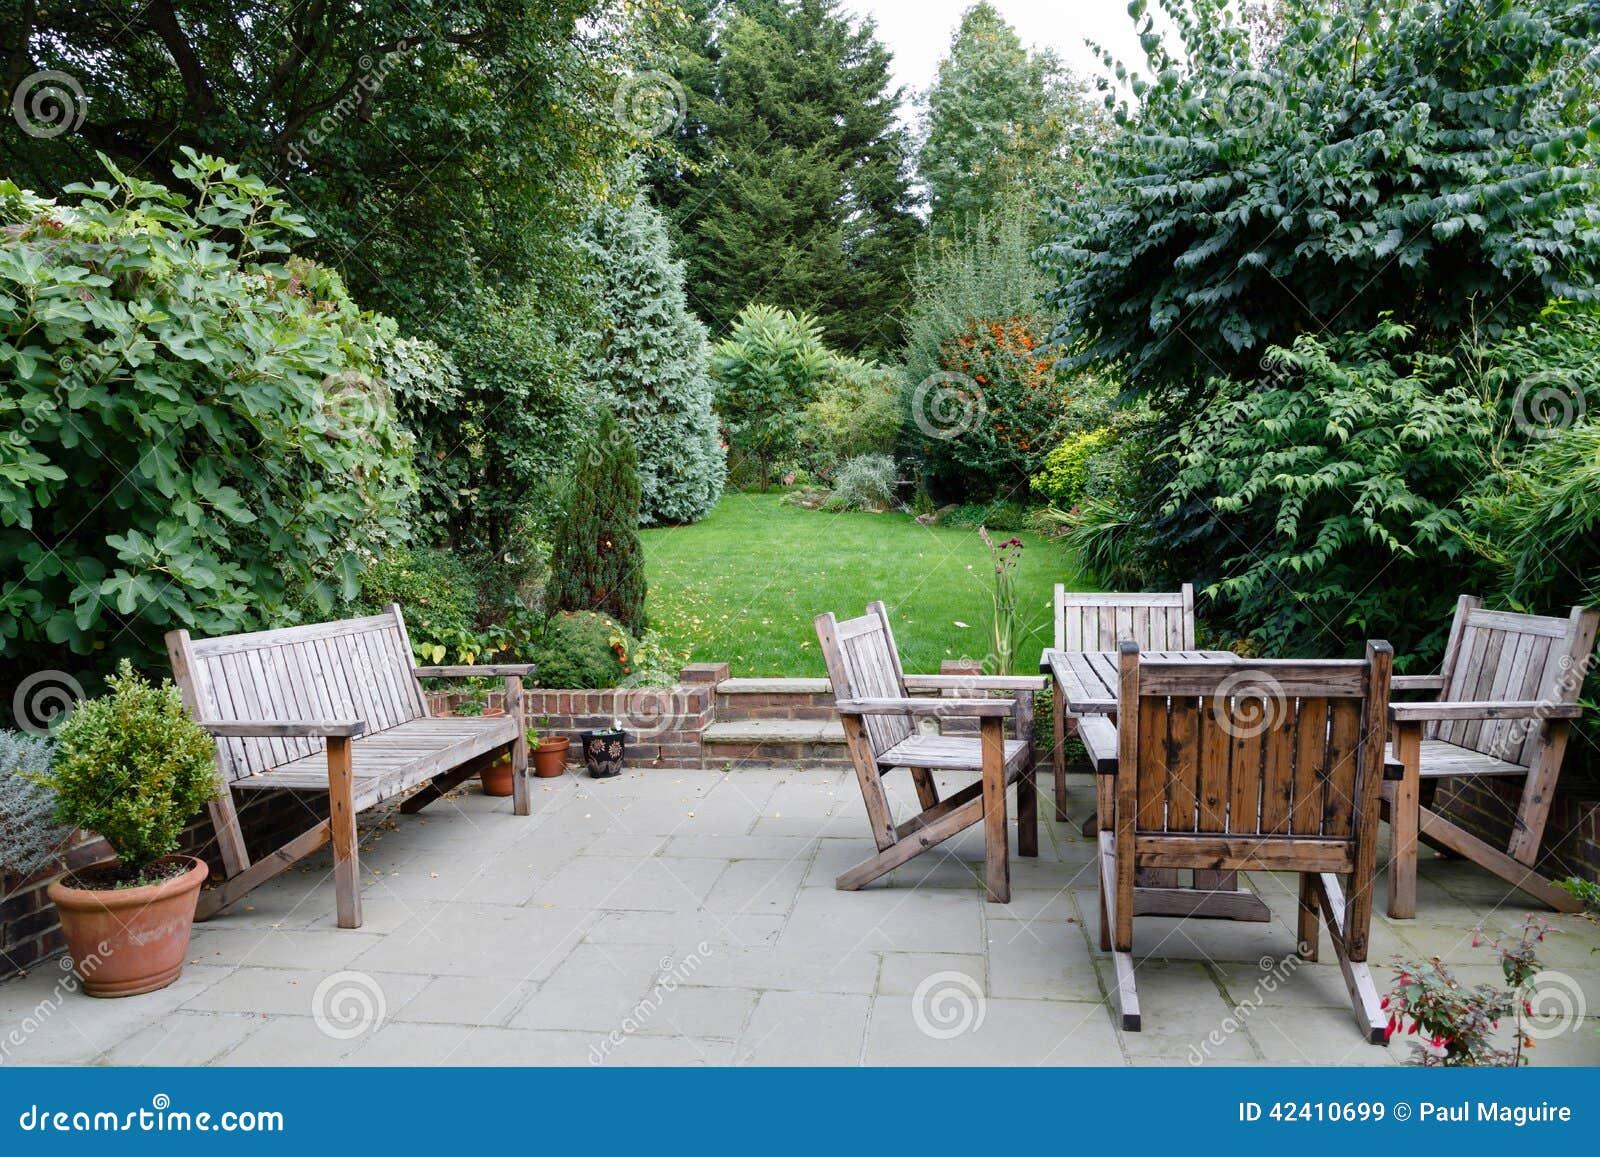 Het meubilair van de terrastuin stock foto afbeelding 42410699 - Terras en tuin ontwikkeling foto ...